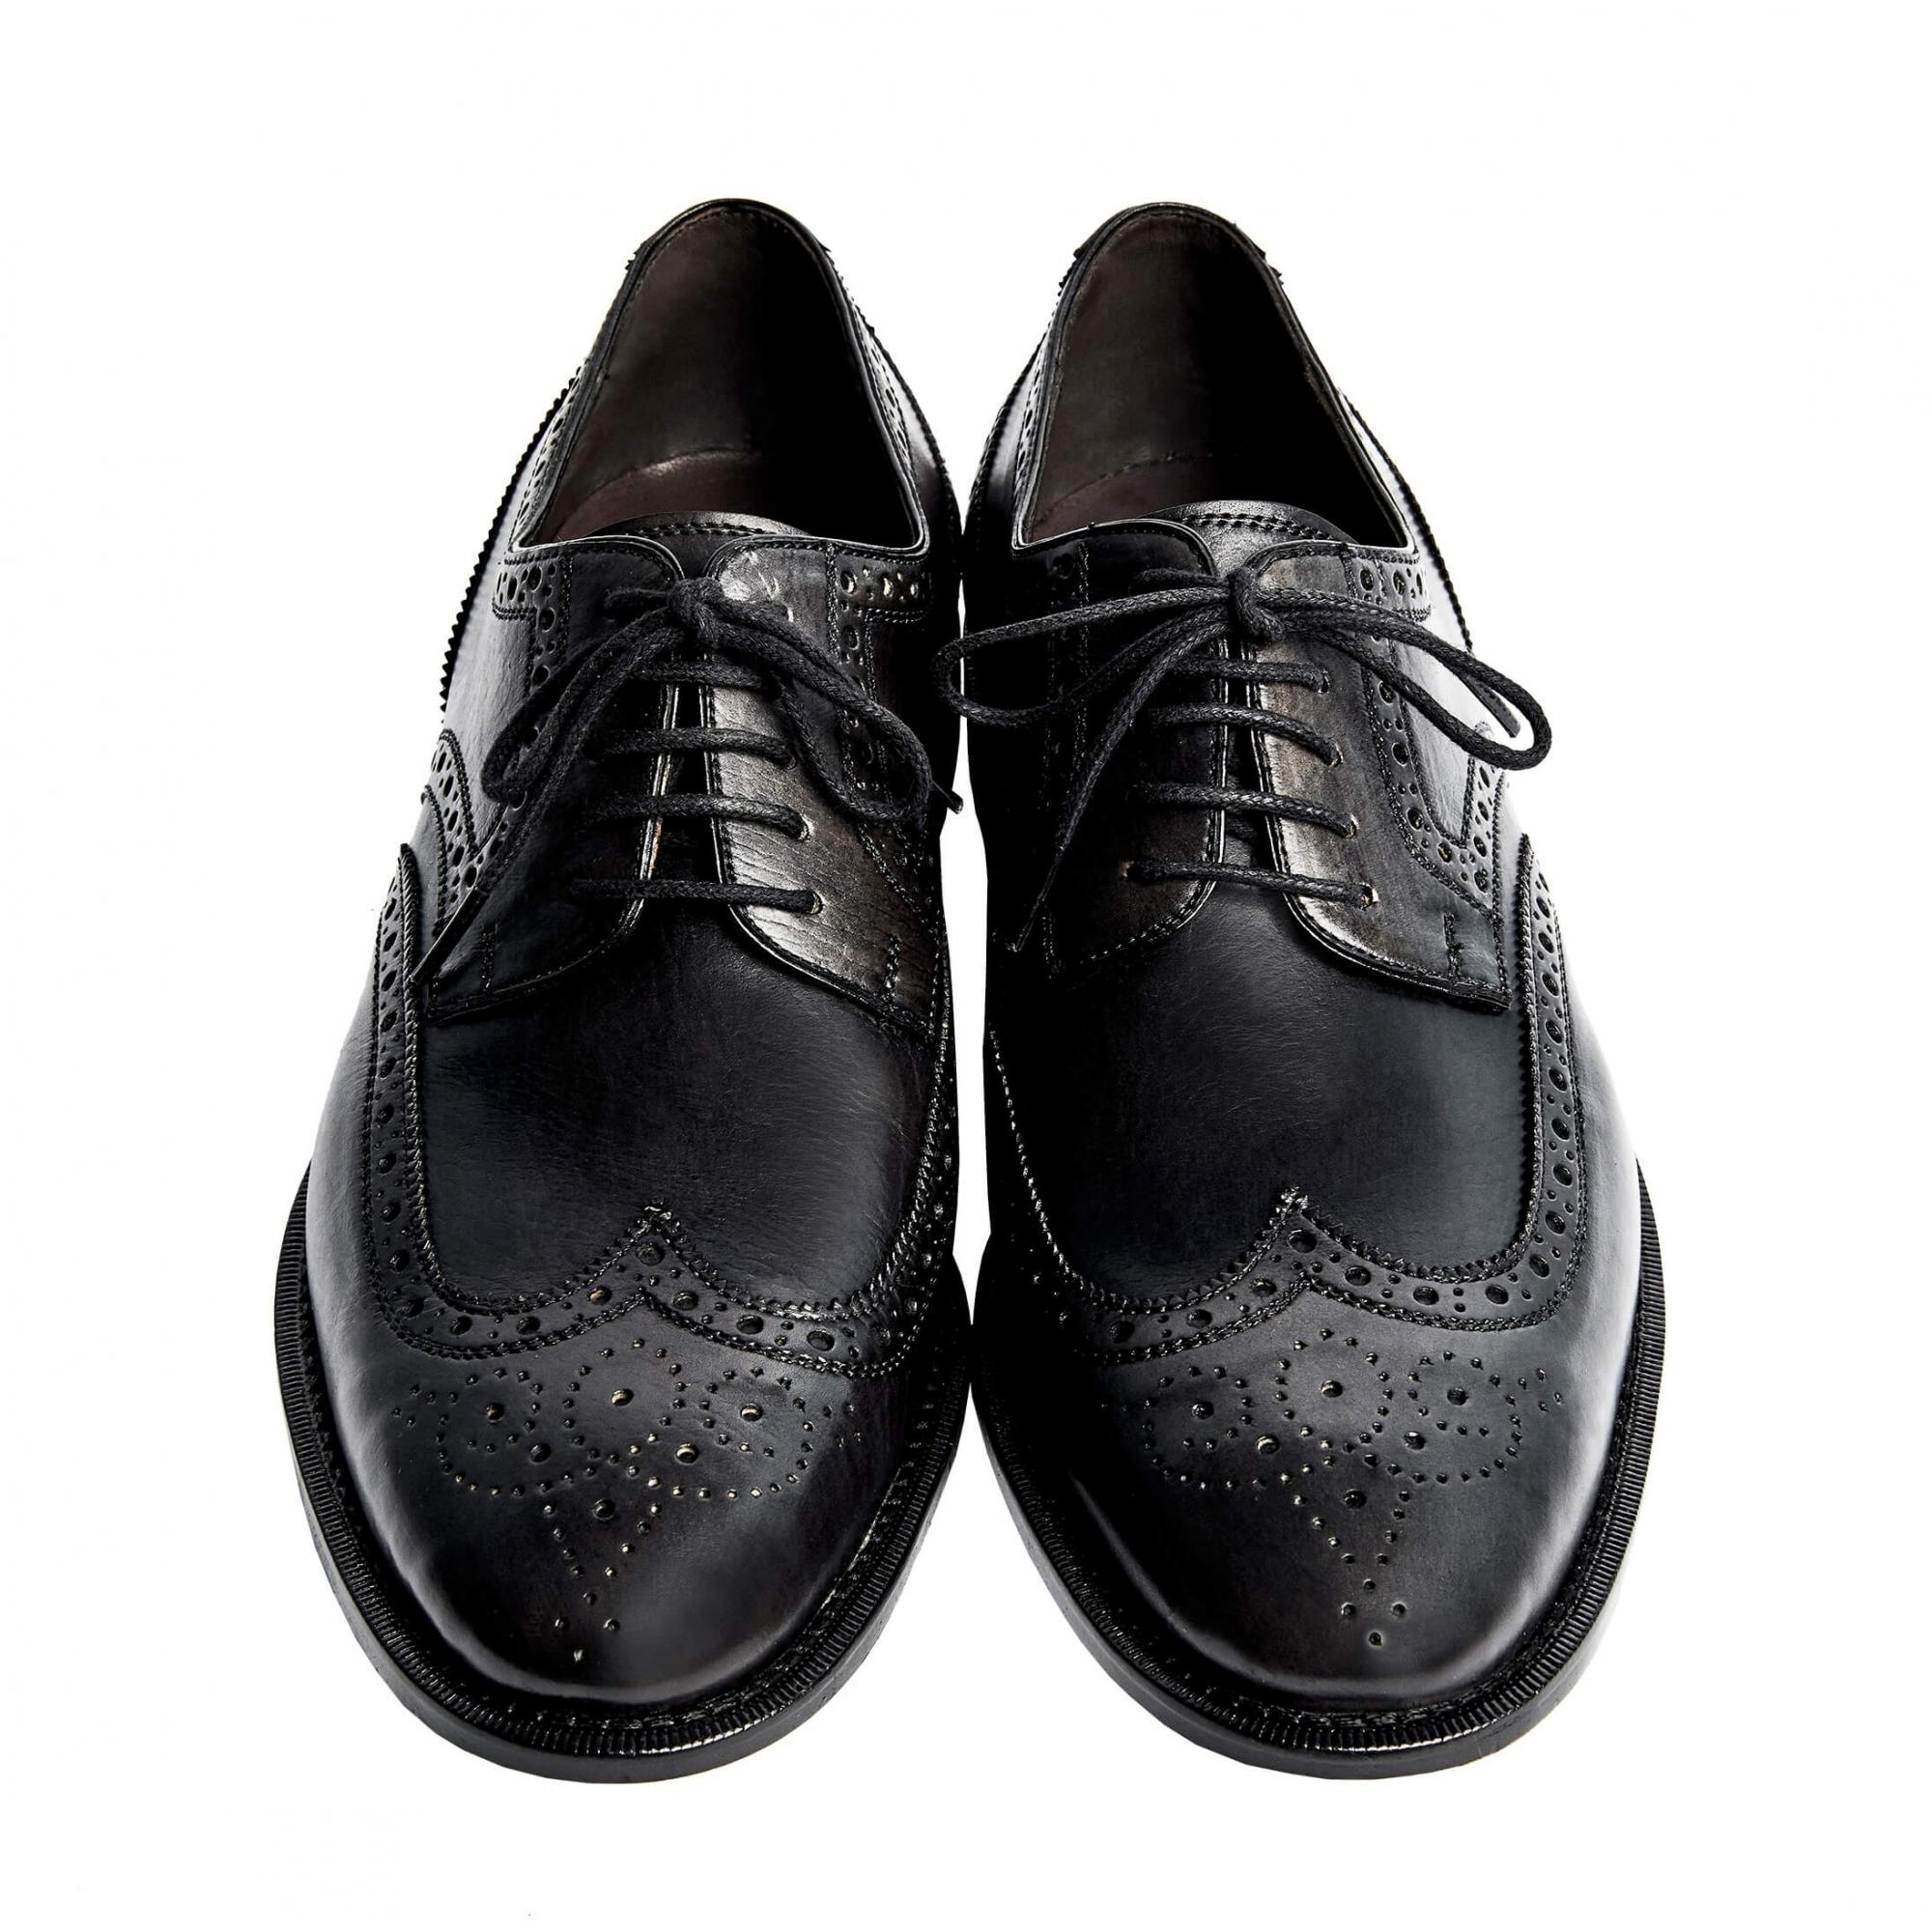 Sapato Masculino Derby Brogue cor Cinza Grafite 2100GRAF Wellington